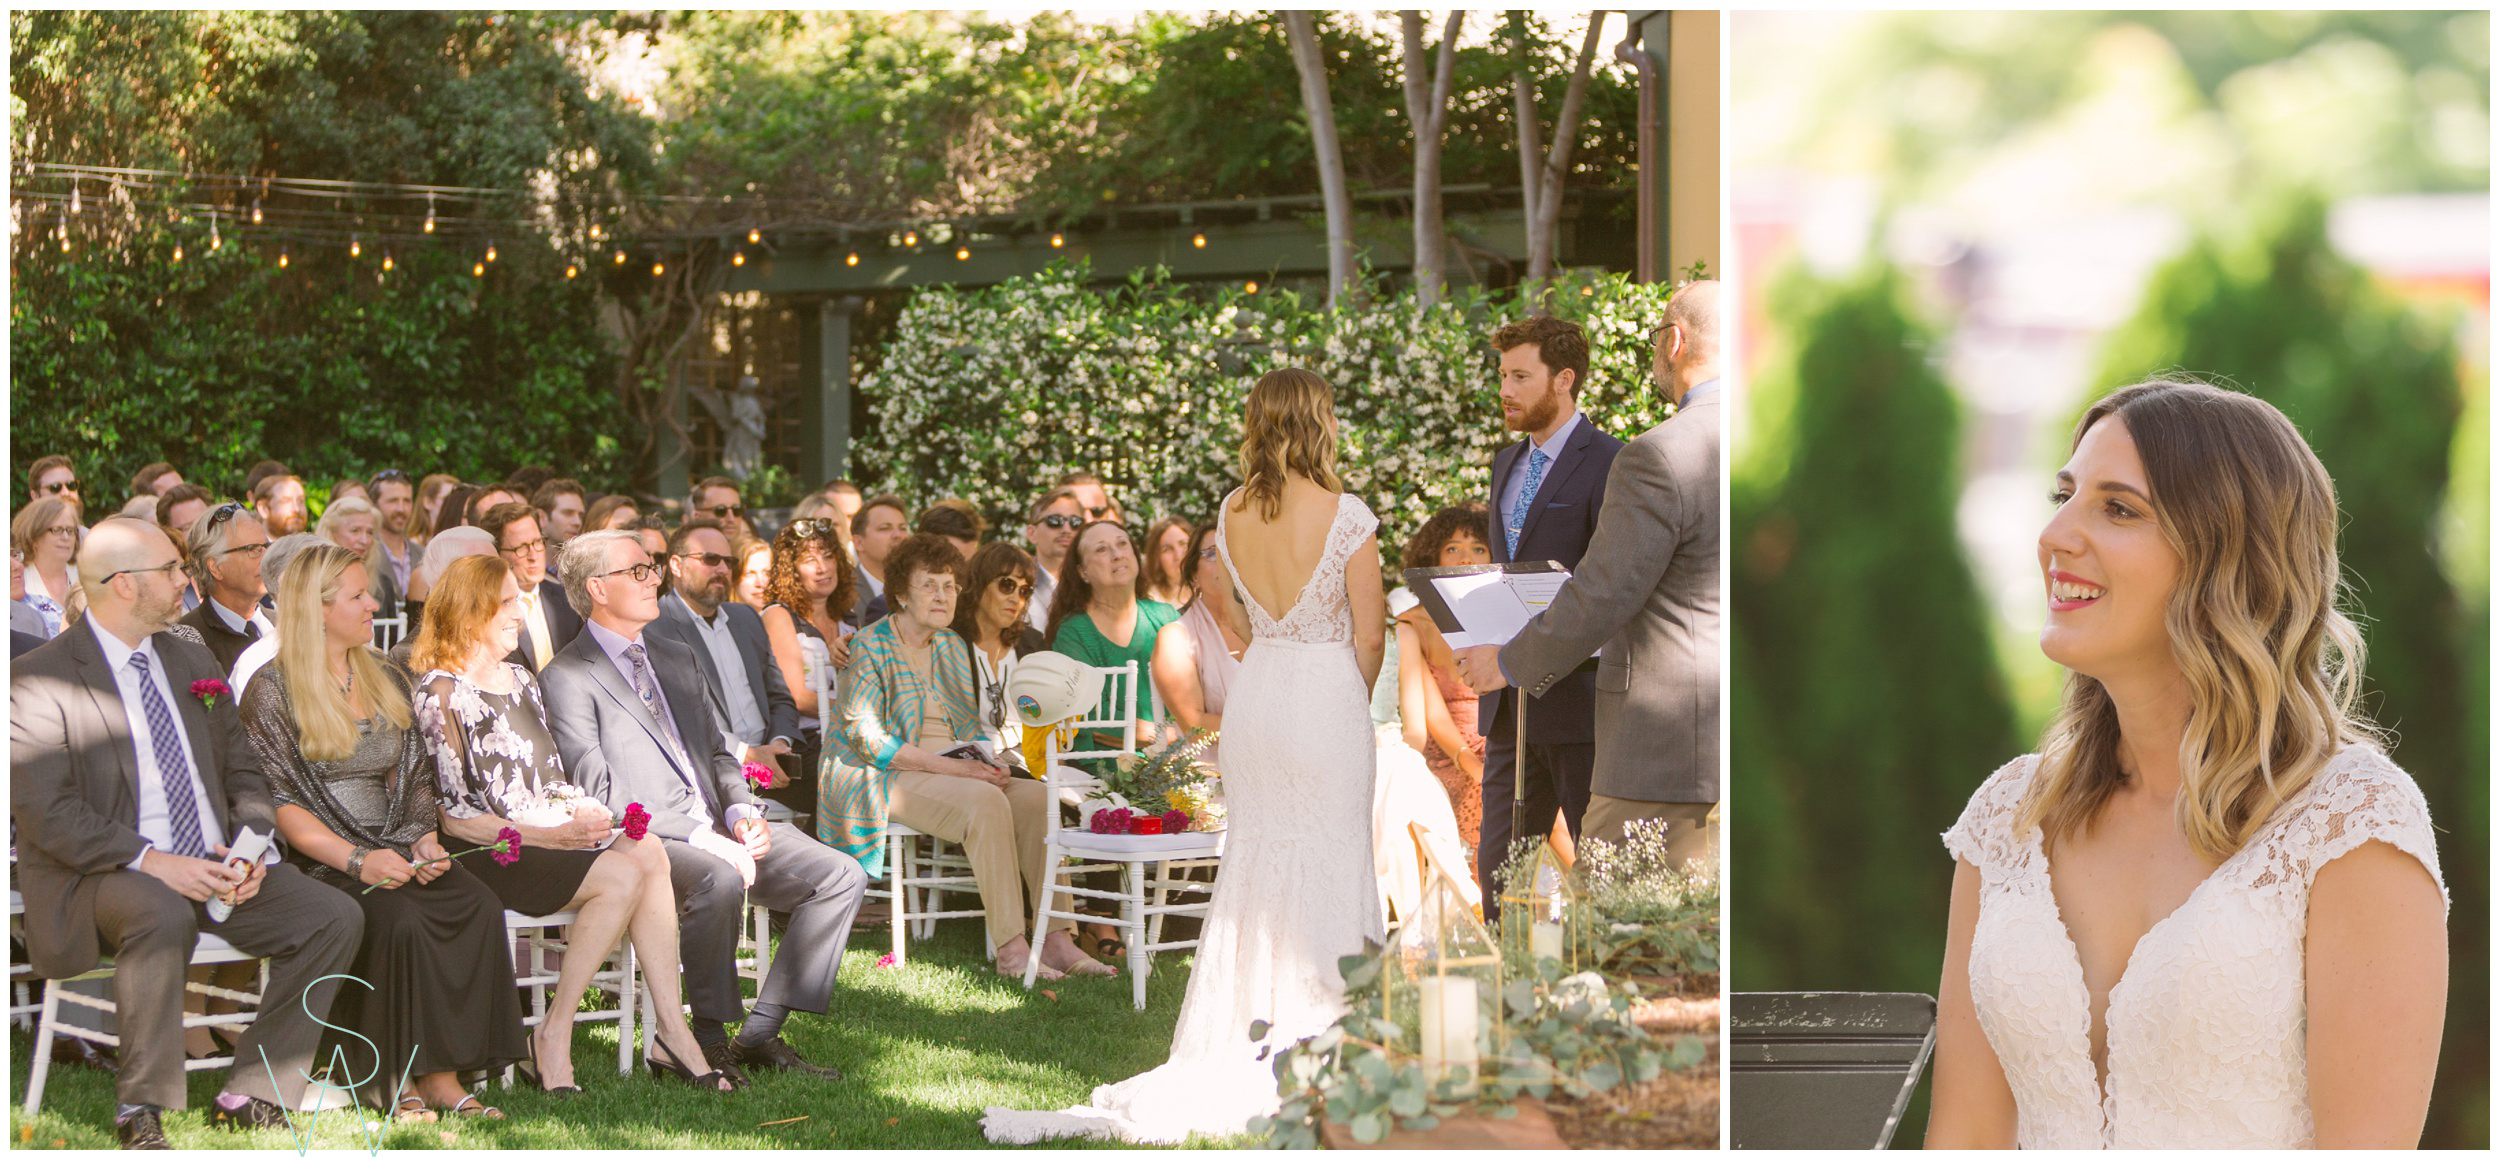 shewanders.san.diego.wedding.britt.scripps.inn-152.jpg